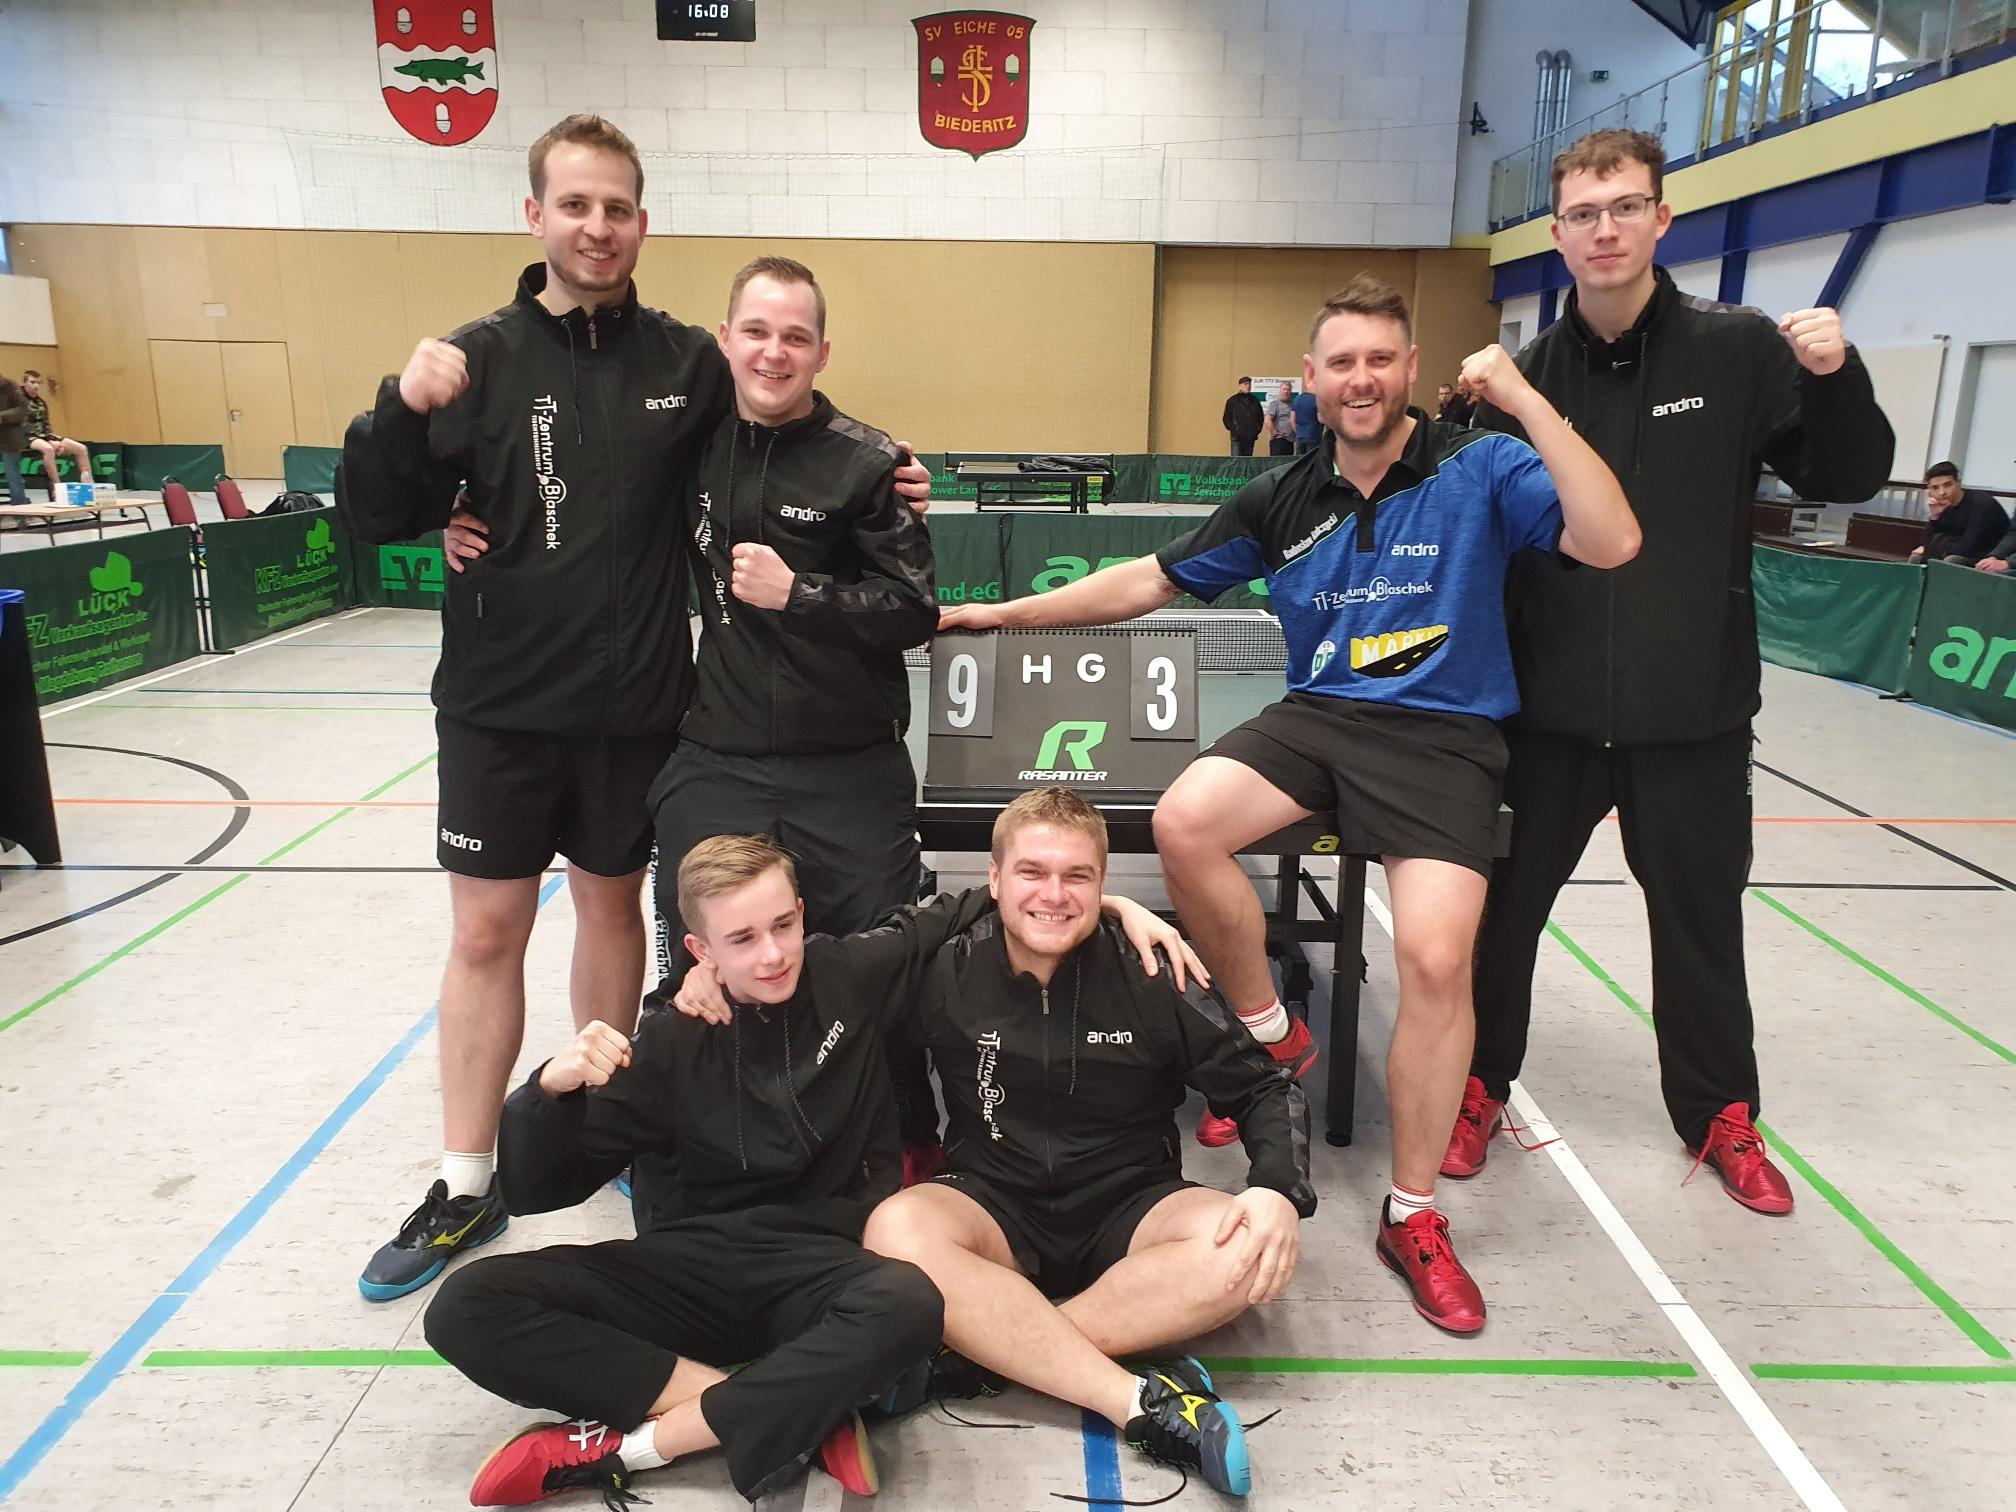 Heimsieg der Ersten Herrenmannschaft, Auswärtssiege der Damen- und der zweiten Herrenmannschaft